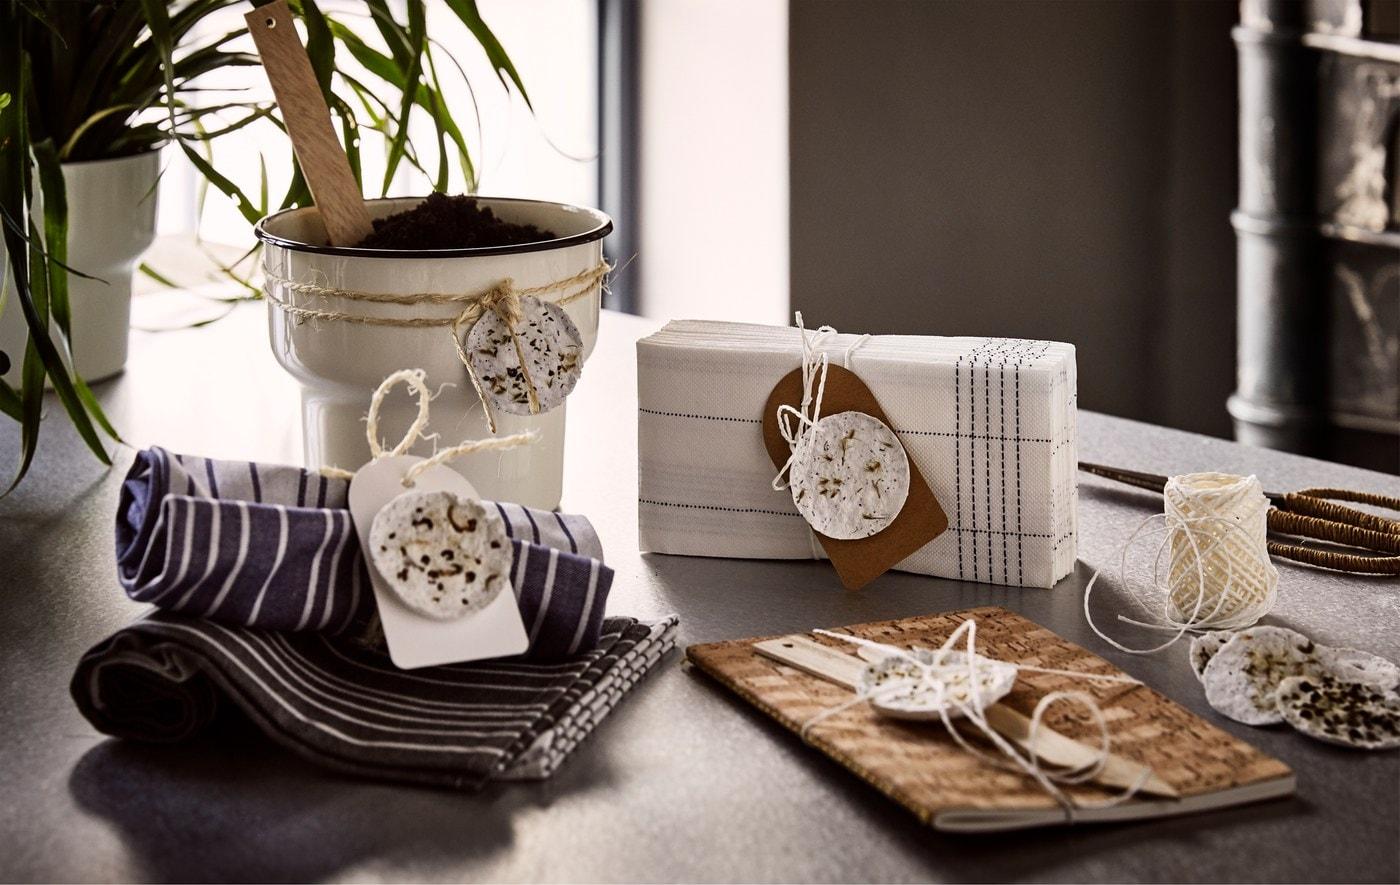 Béžový květináč, textilní a papírové ubrousky, vlastnoručně dělaná nakličovadla